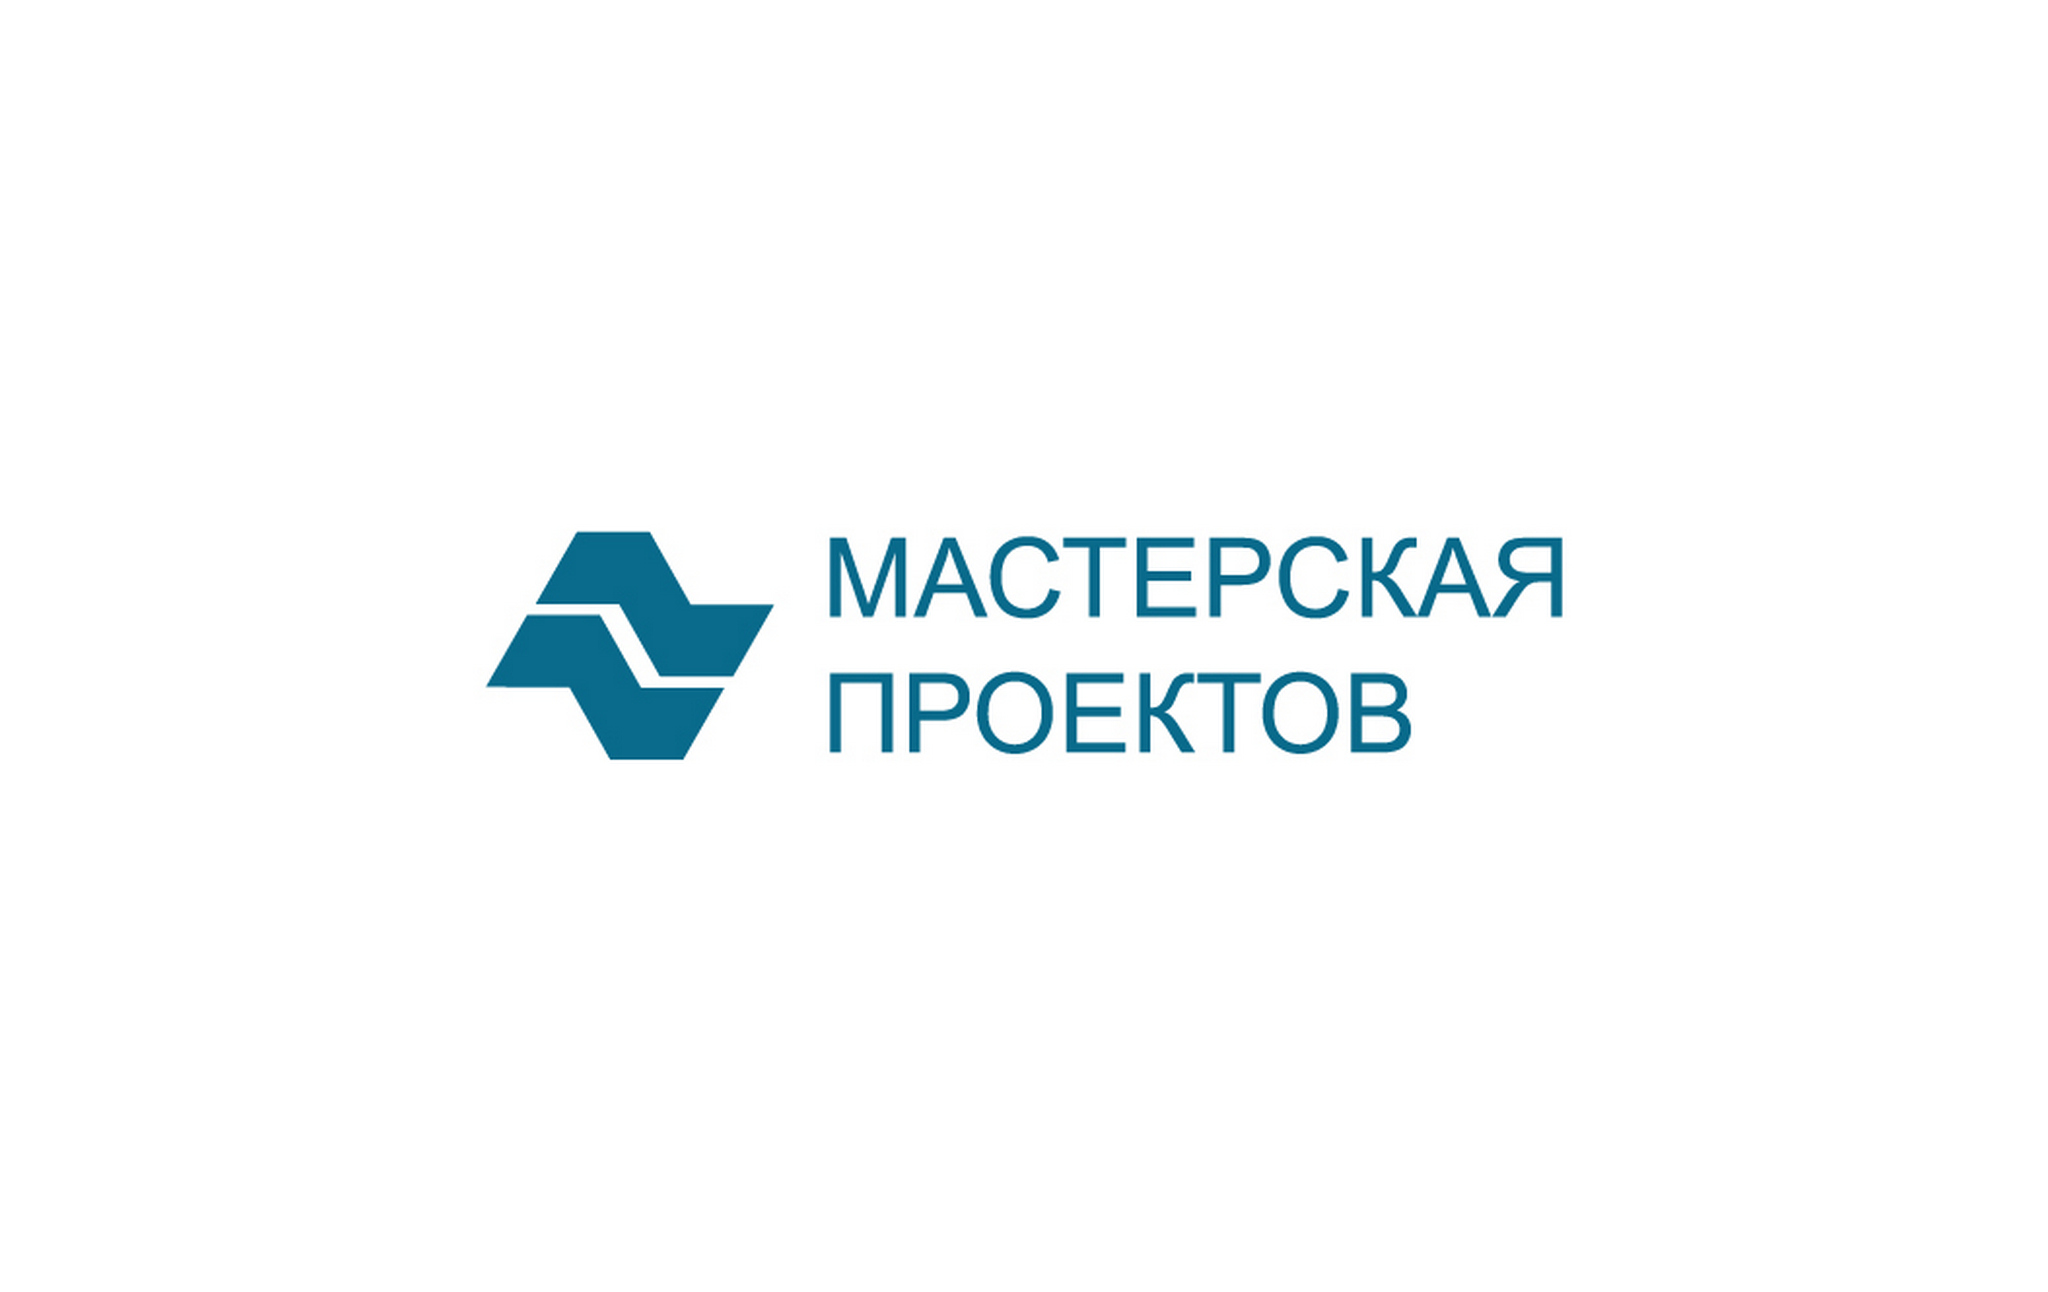 Разработка логотипа строительно-мебельного проекта (см. опис фото f_903606fdd0fb668e.jpg